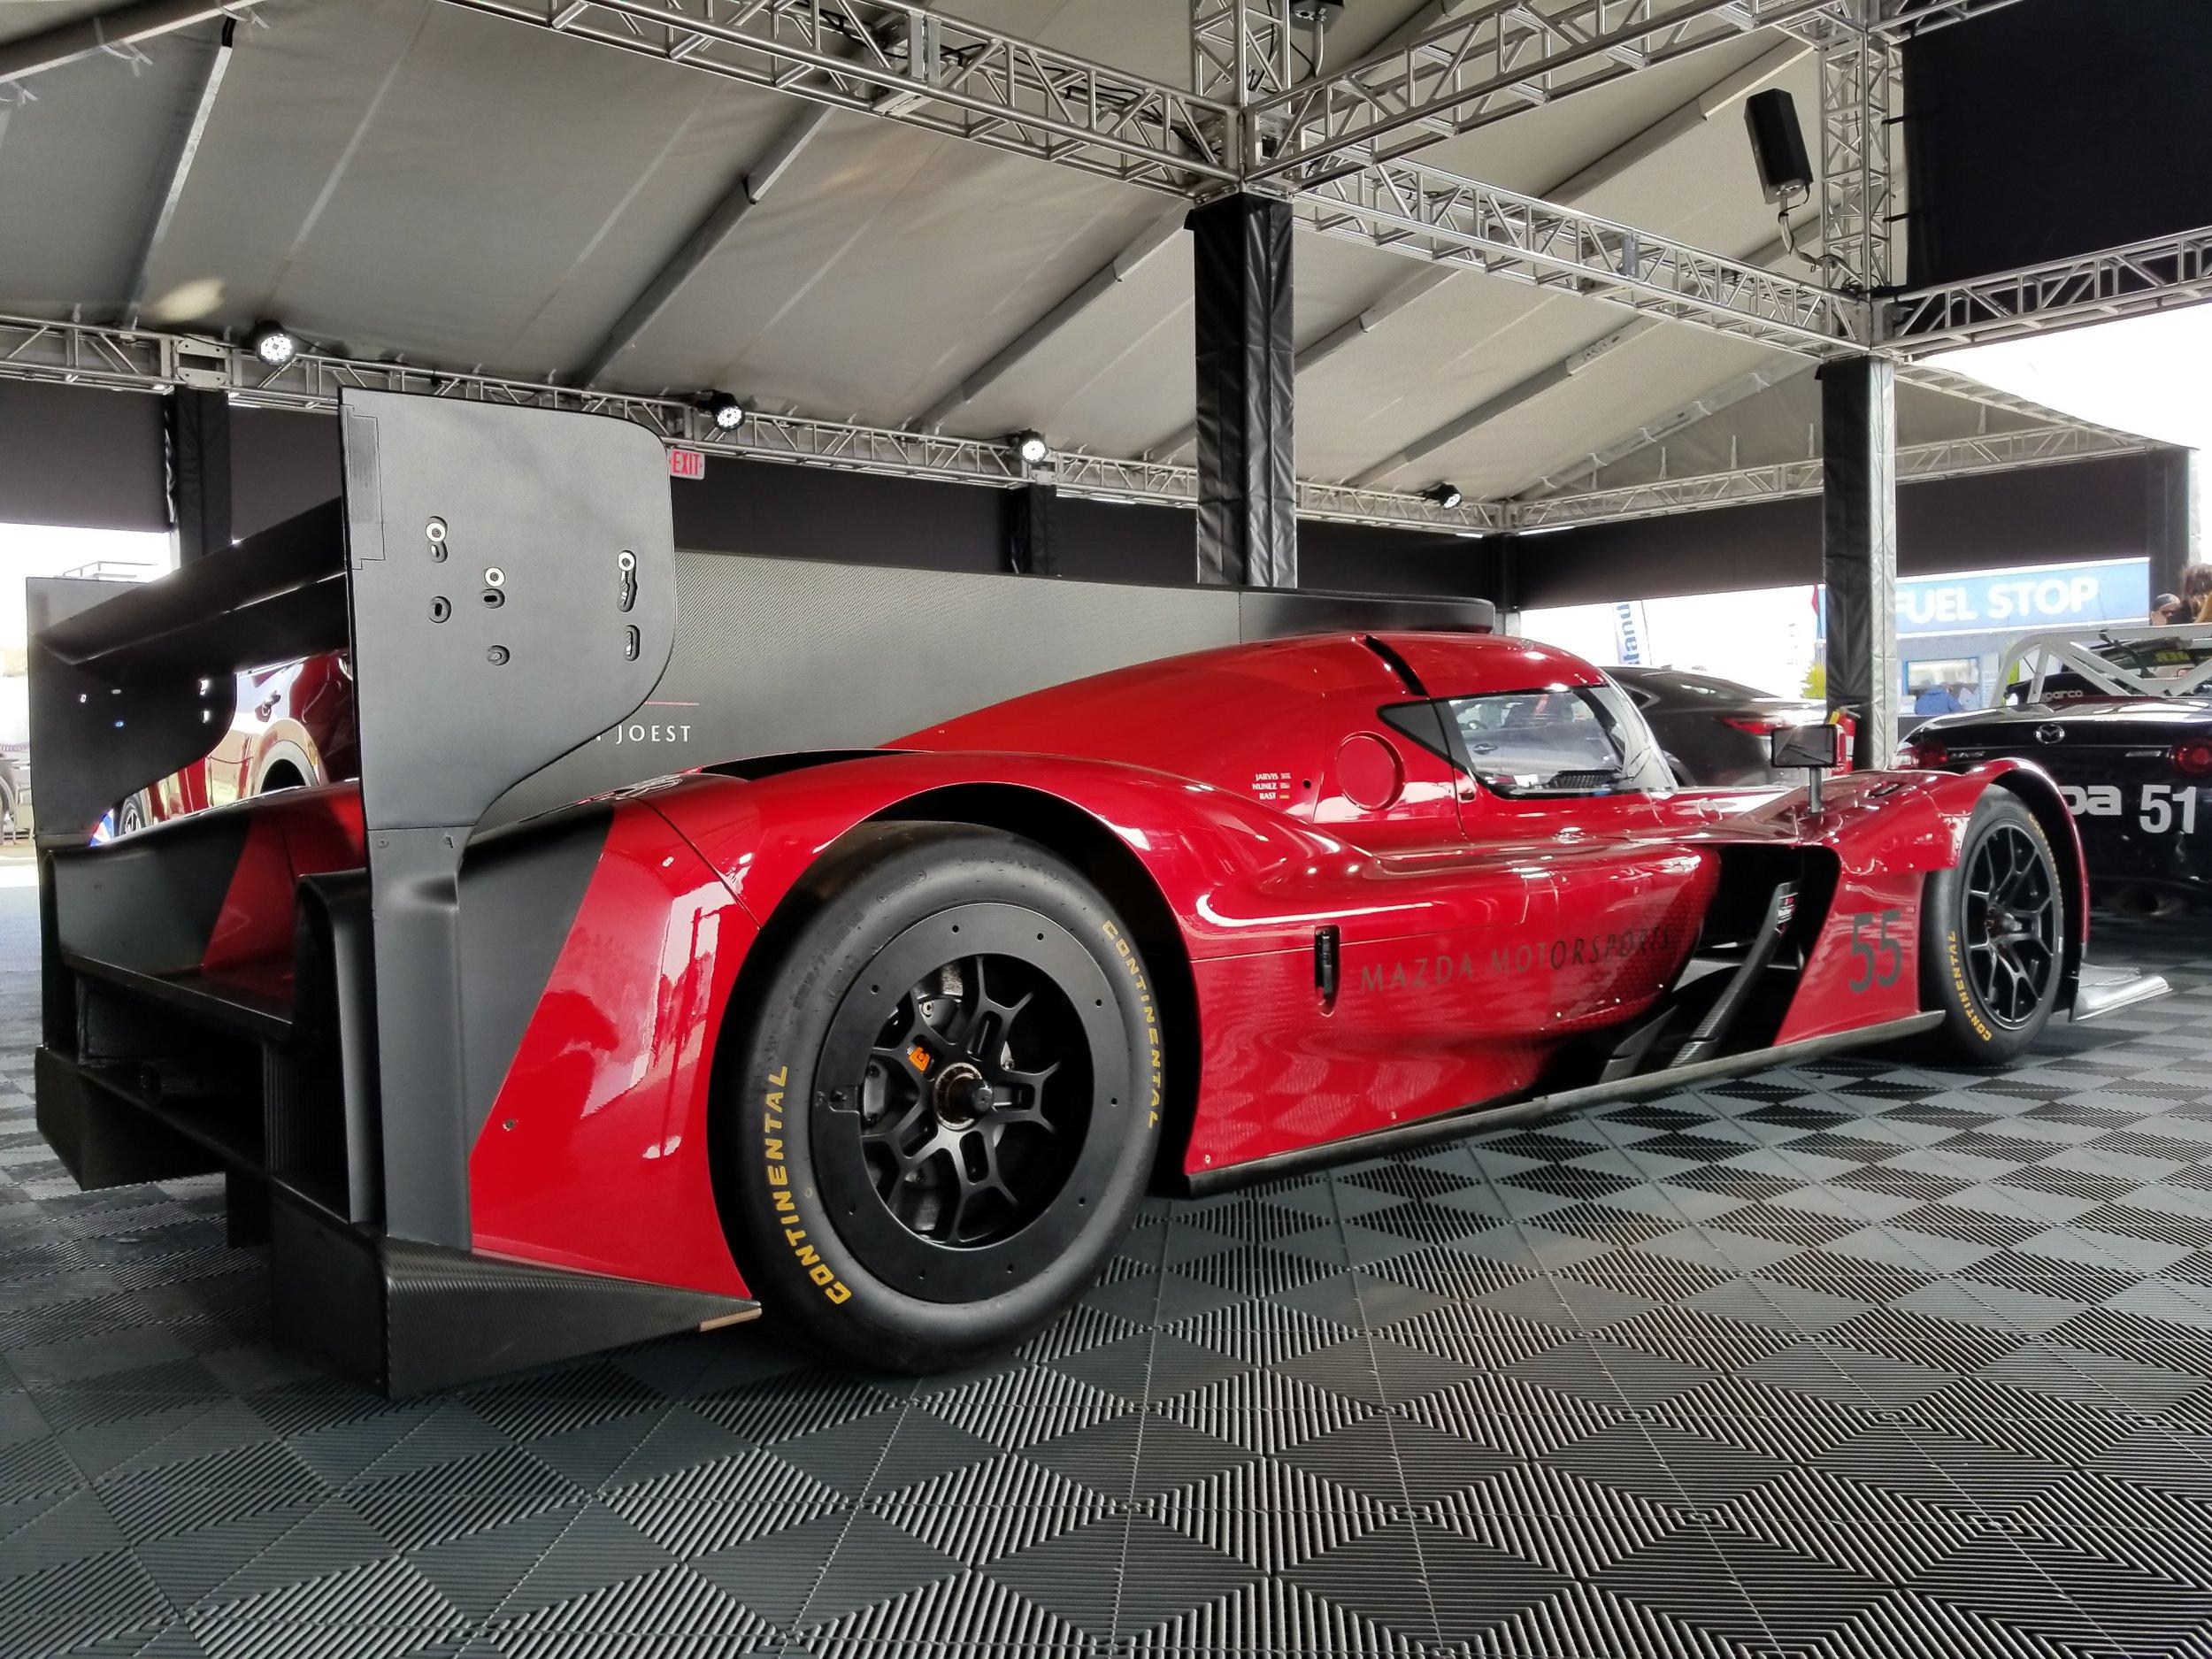 Ahhh, the beautiful Mazda RT24-P